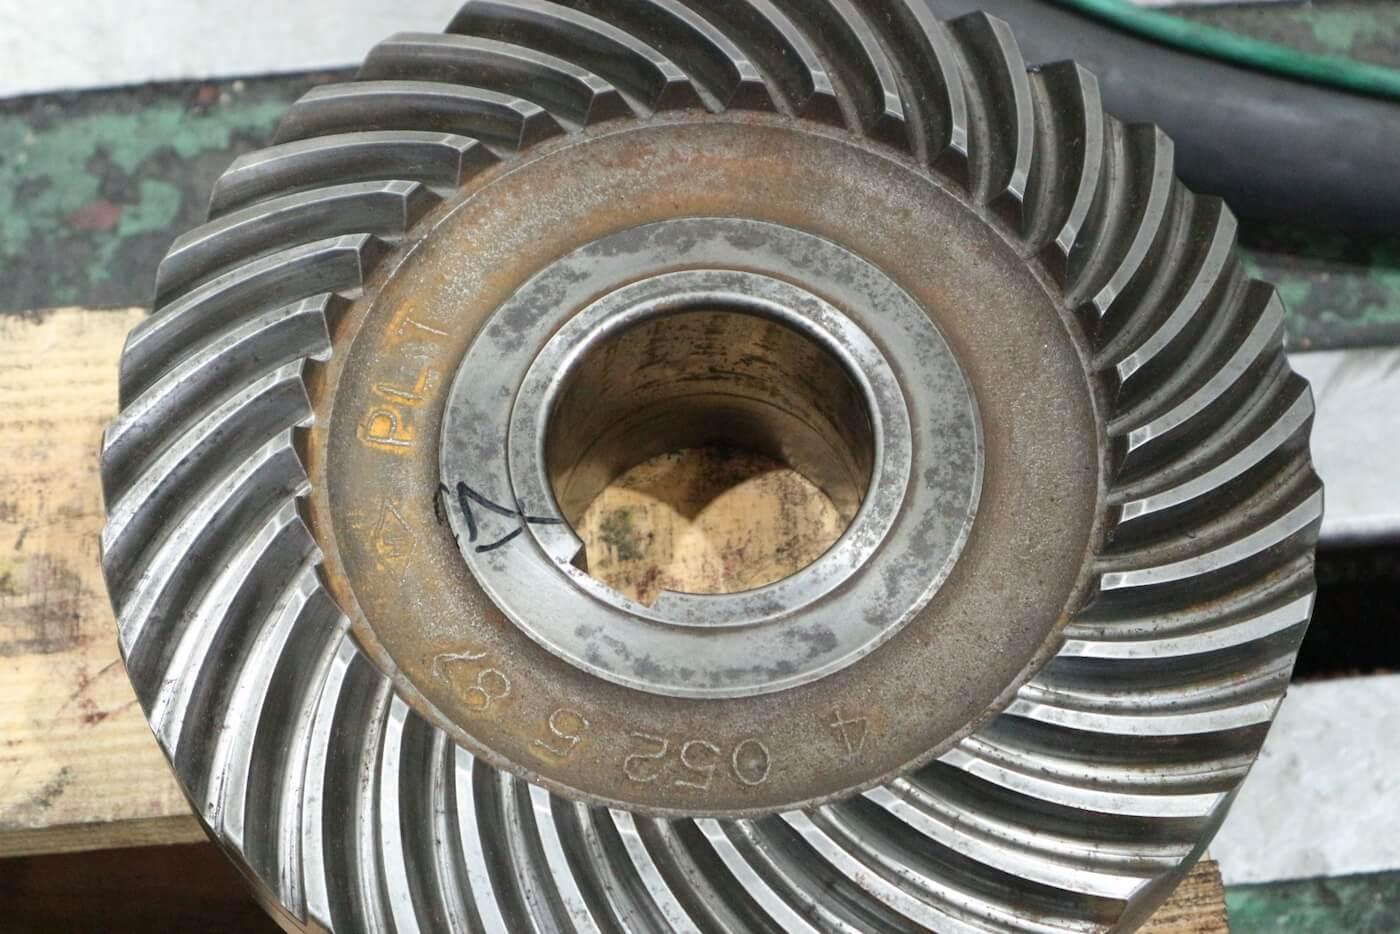 減速機のギヤが損傷